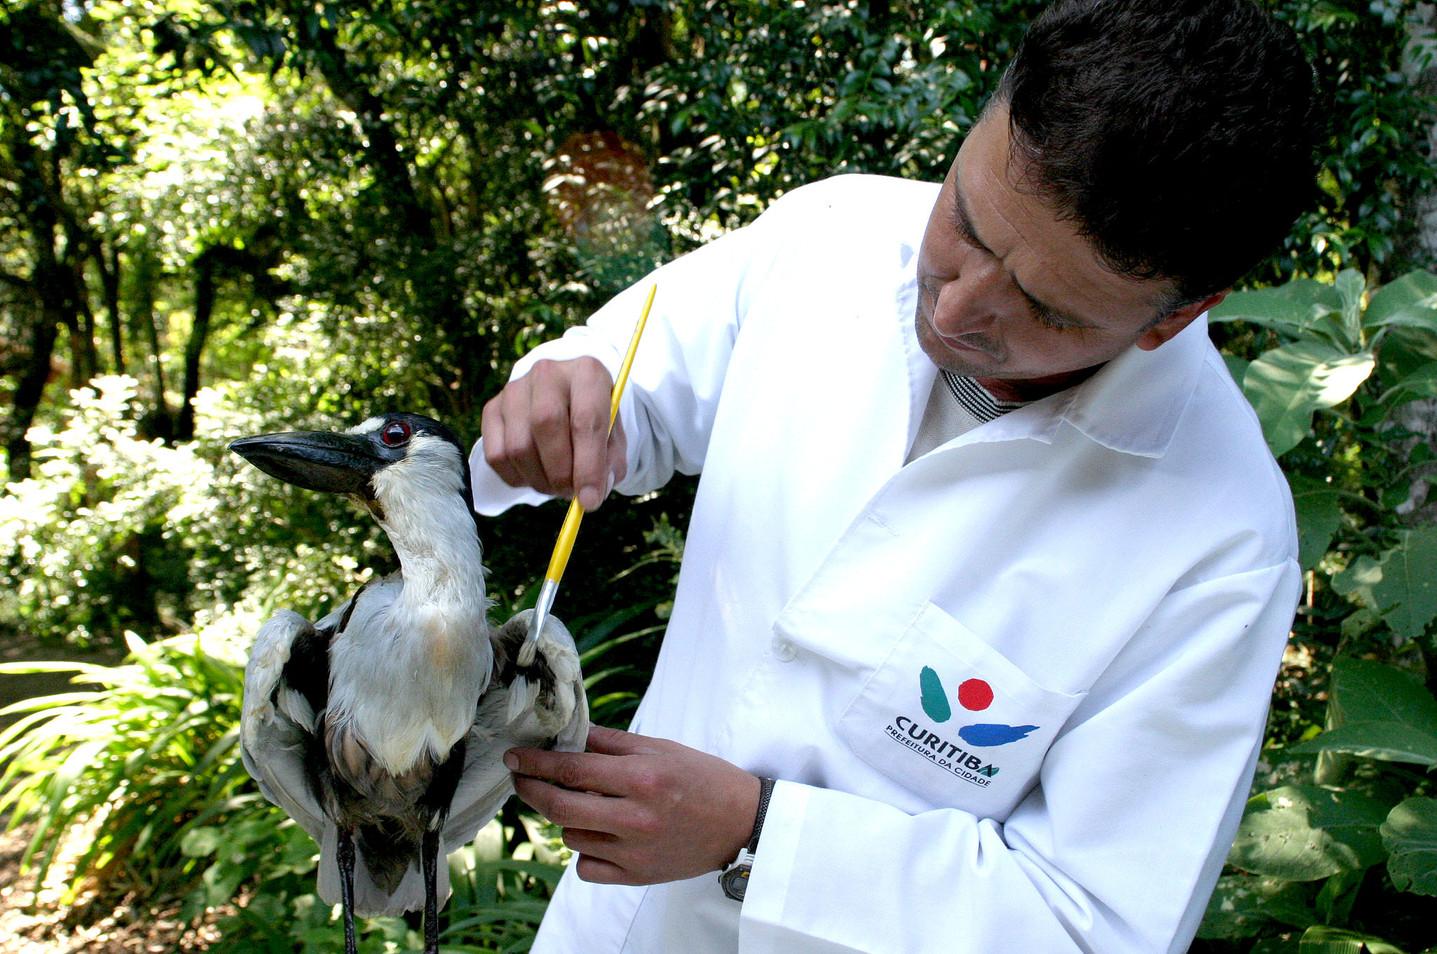 Coleção_Ornitológica1.JPG